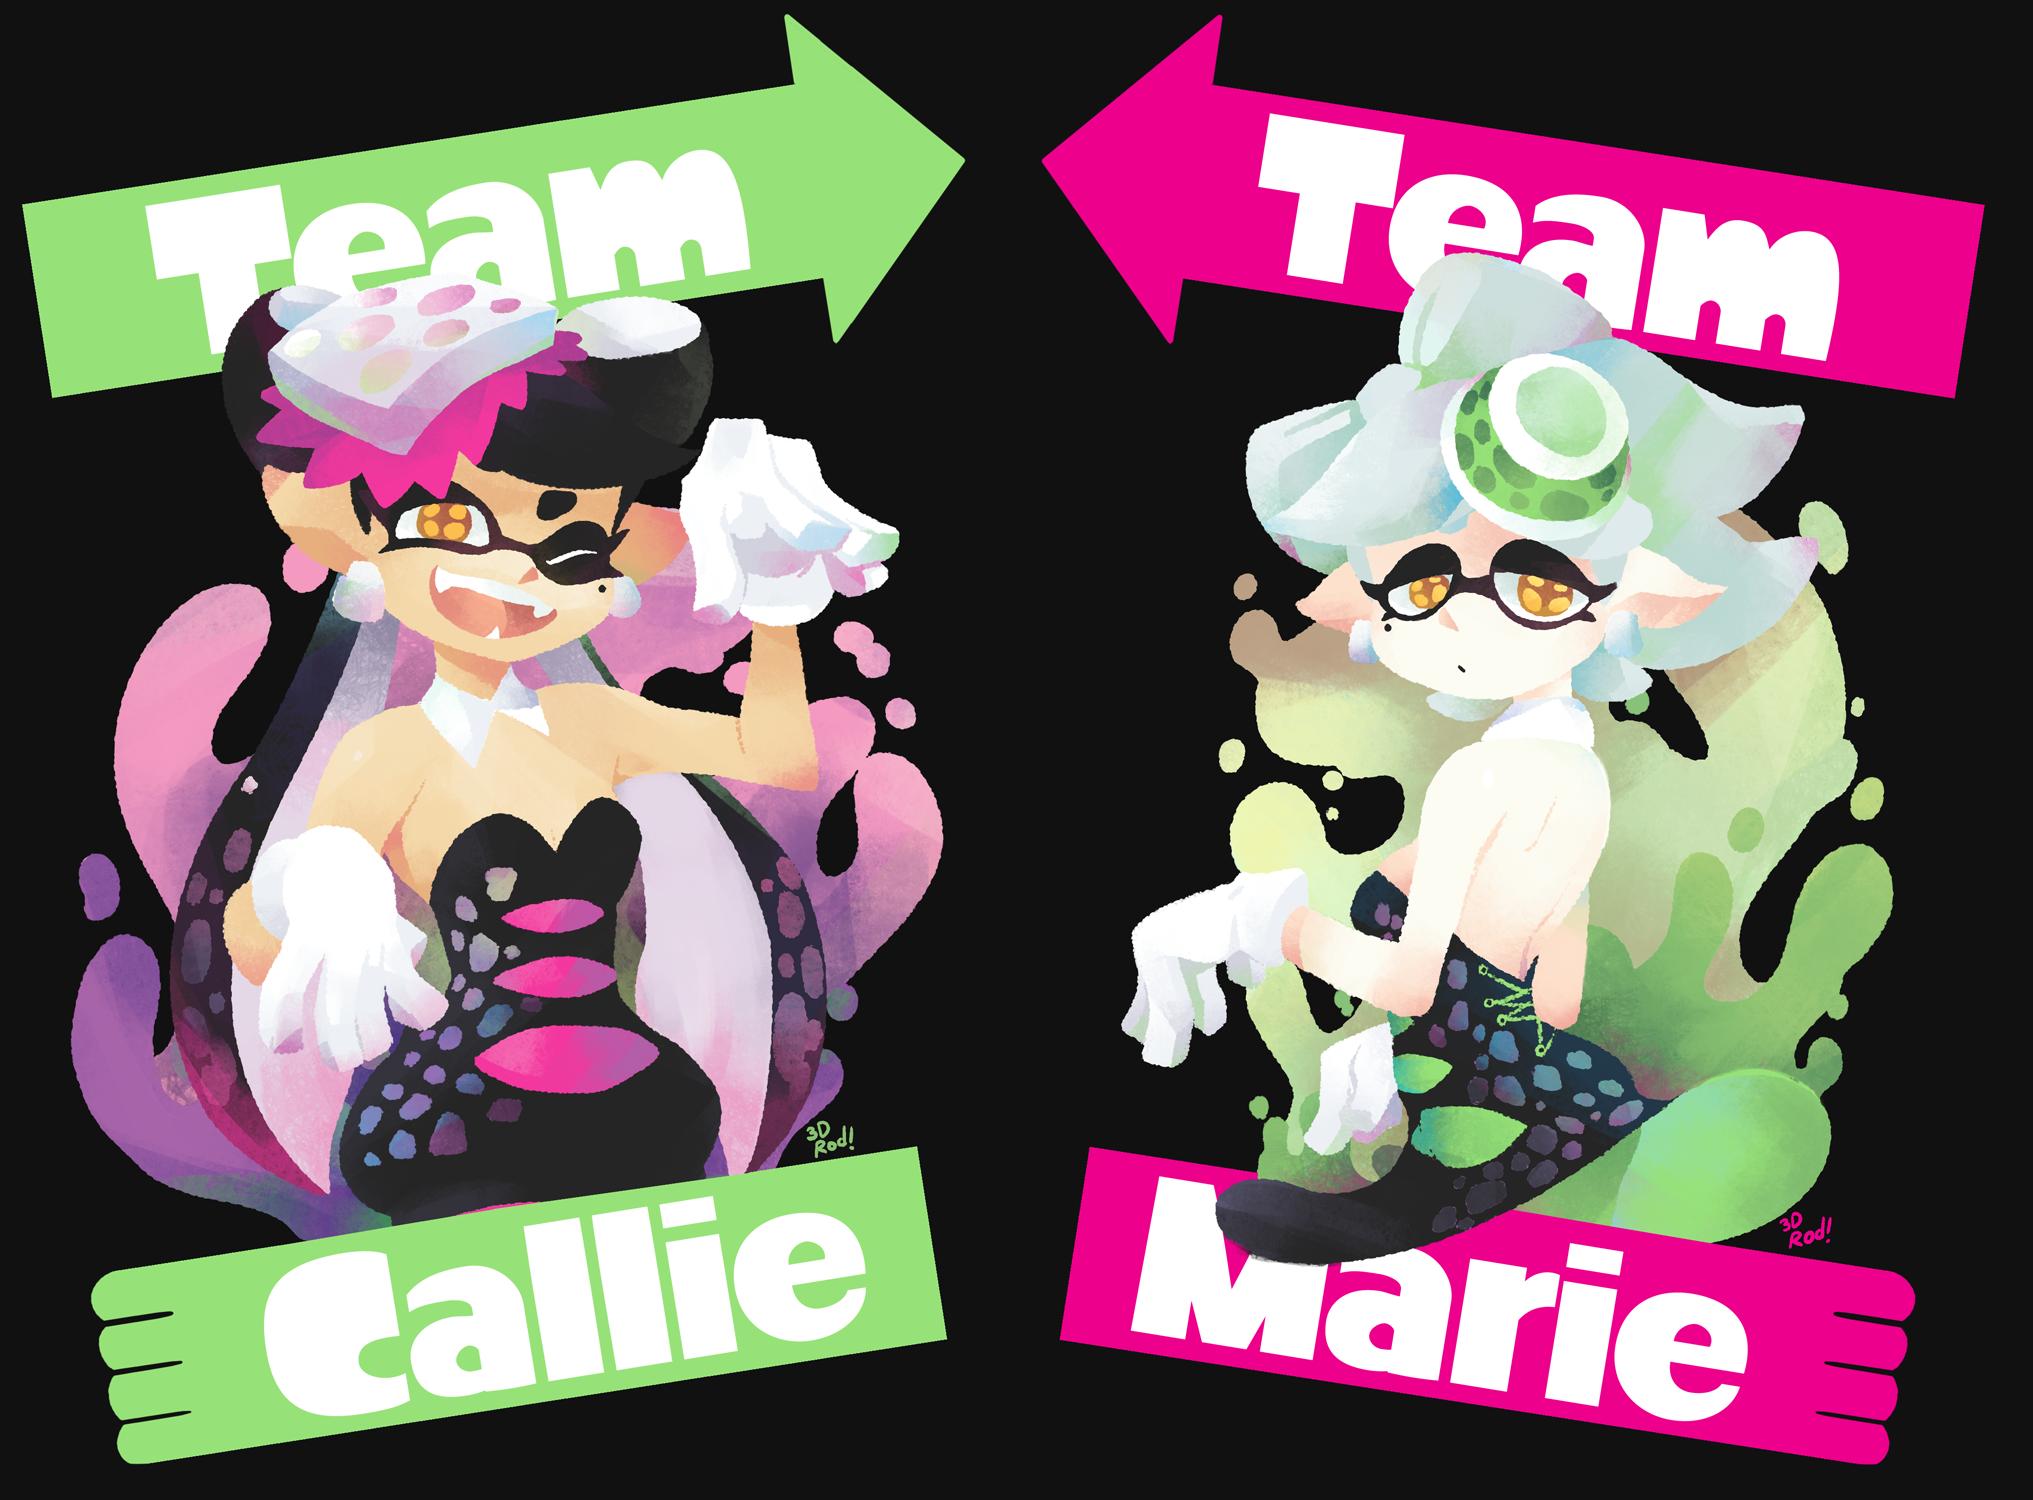 Final Splatfest: Callie vs Marie